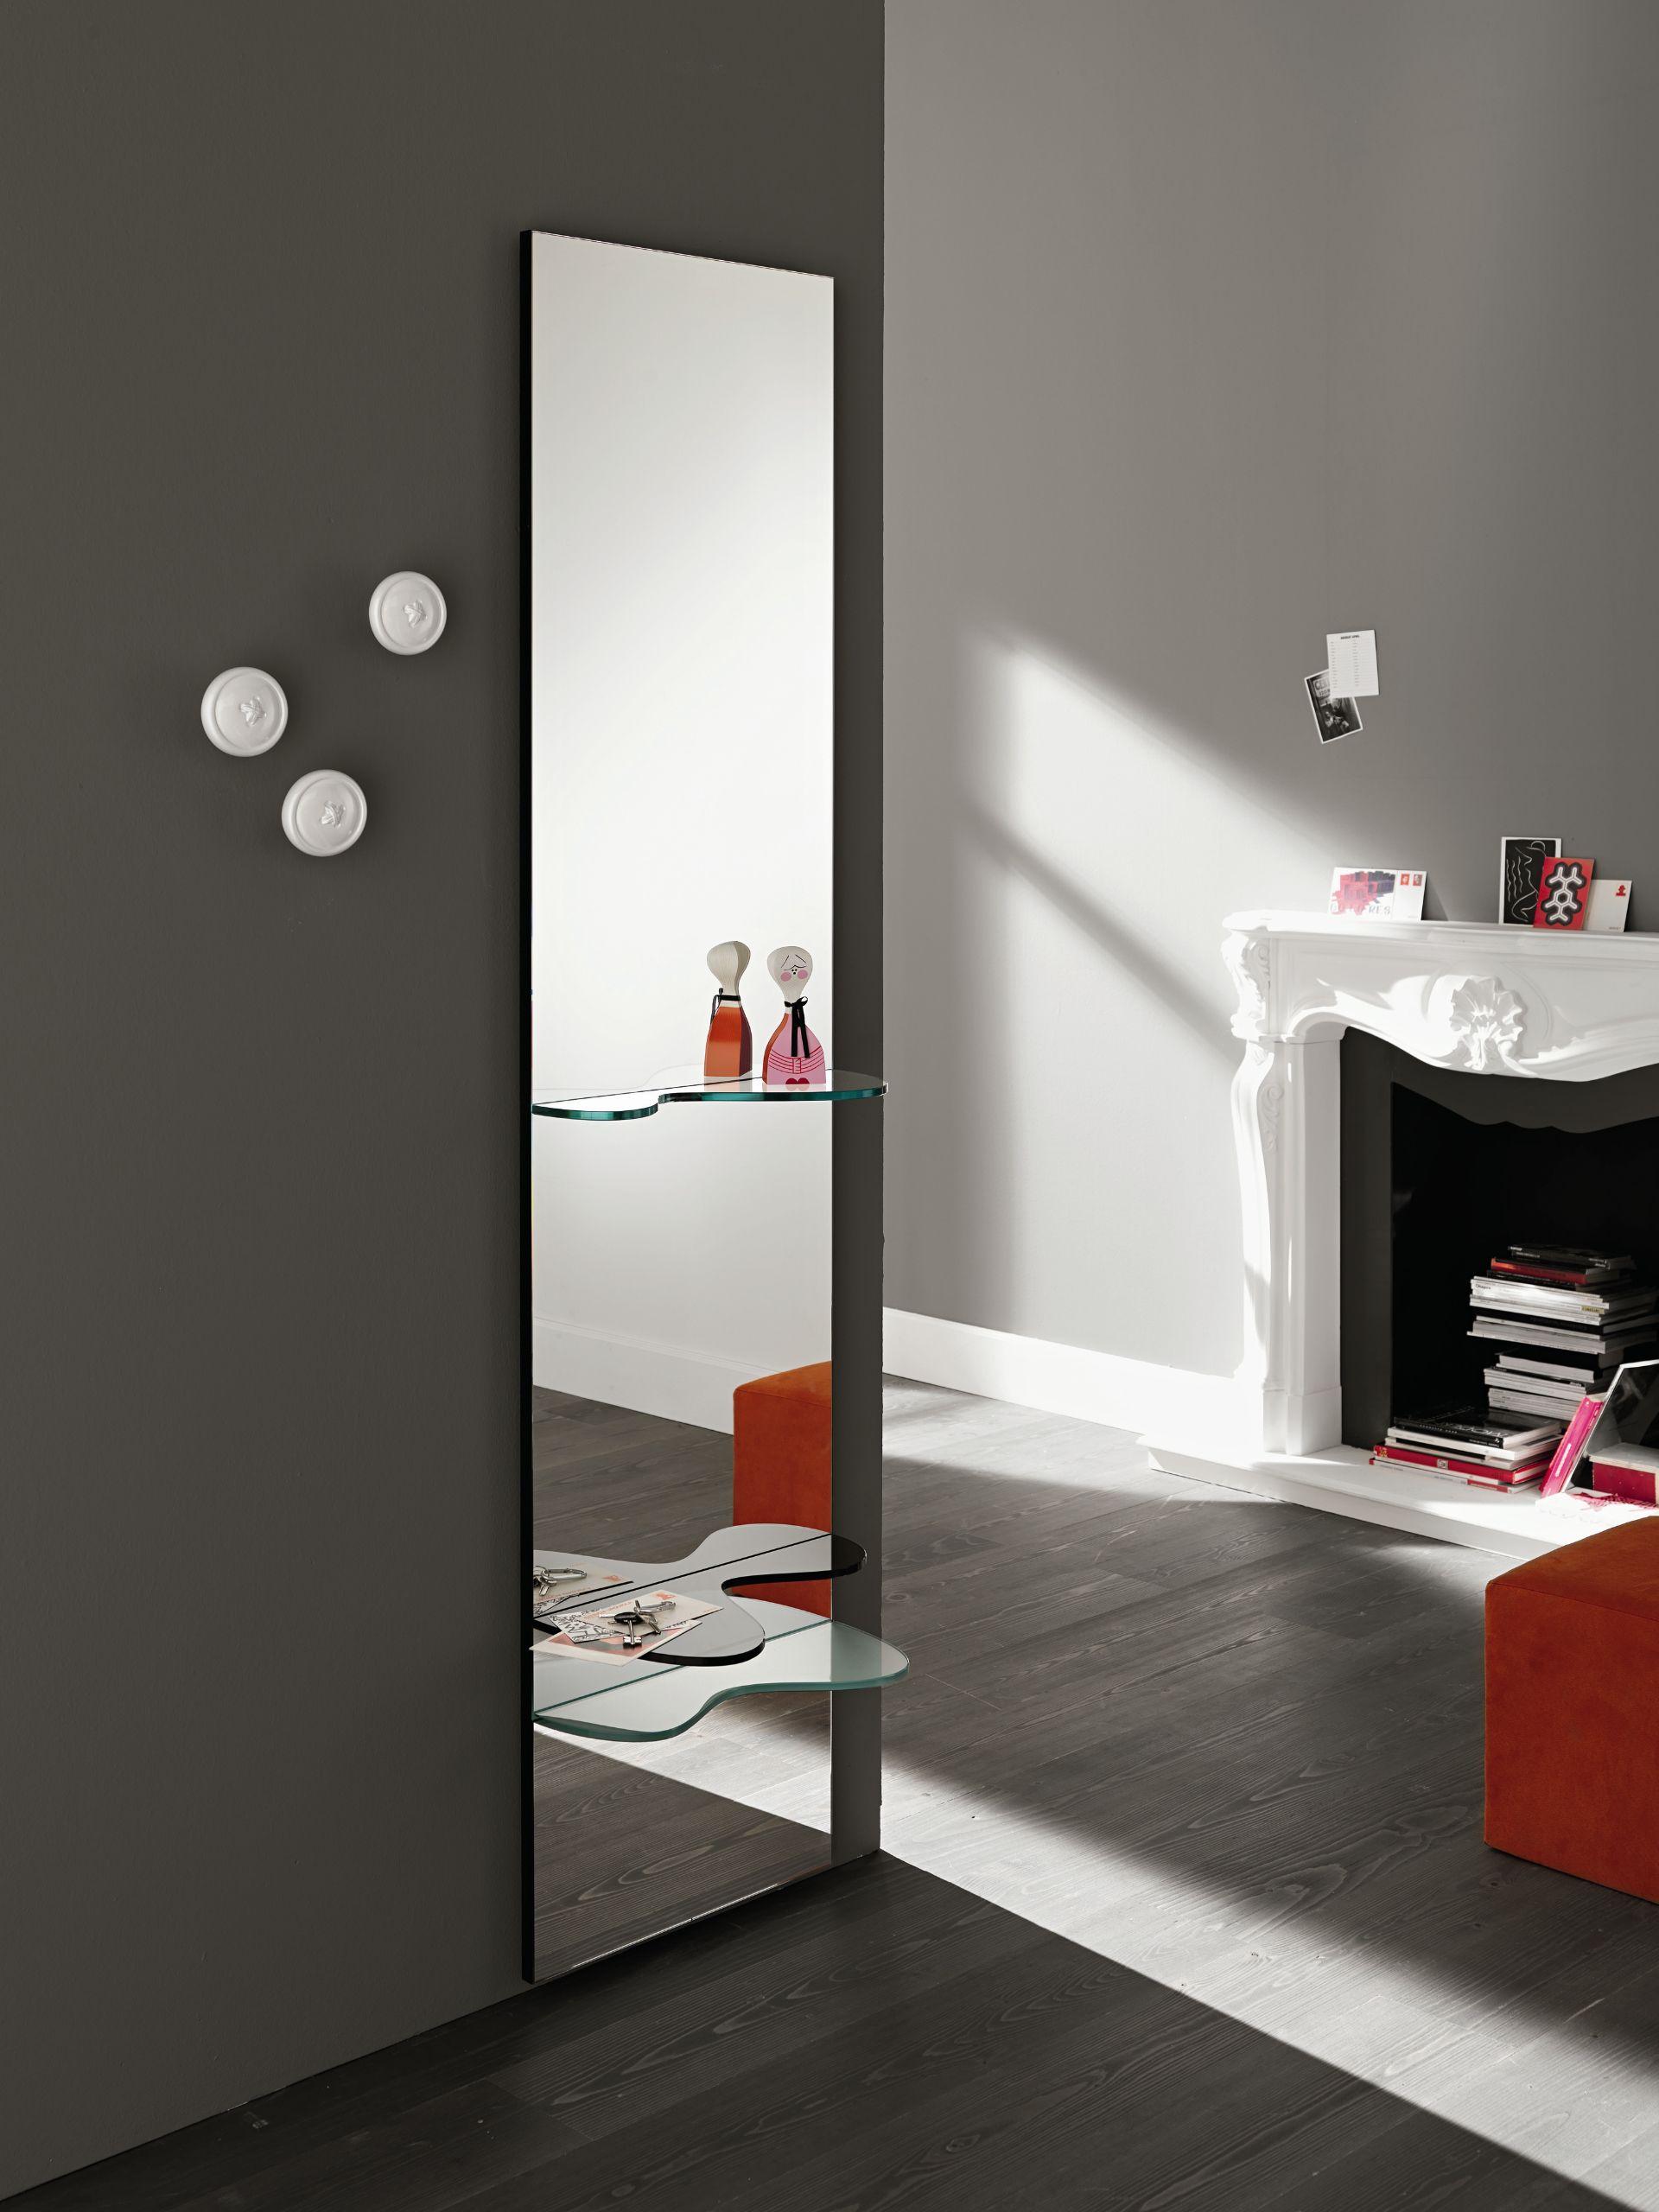 Specchio rettangolare a parete sill by t d tonelli design - Specchio rettangolare da parete ...